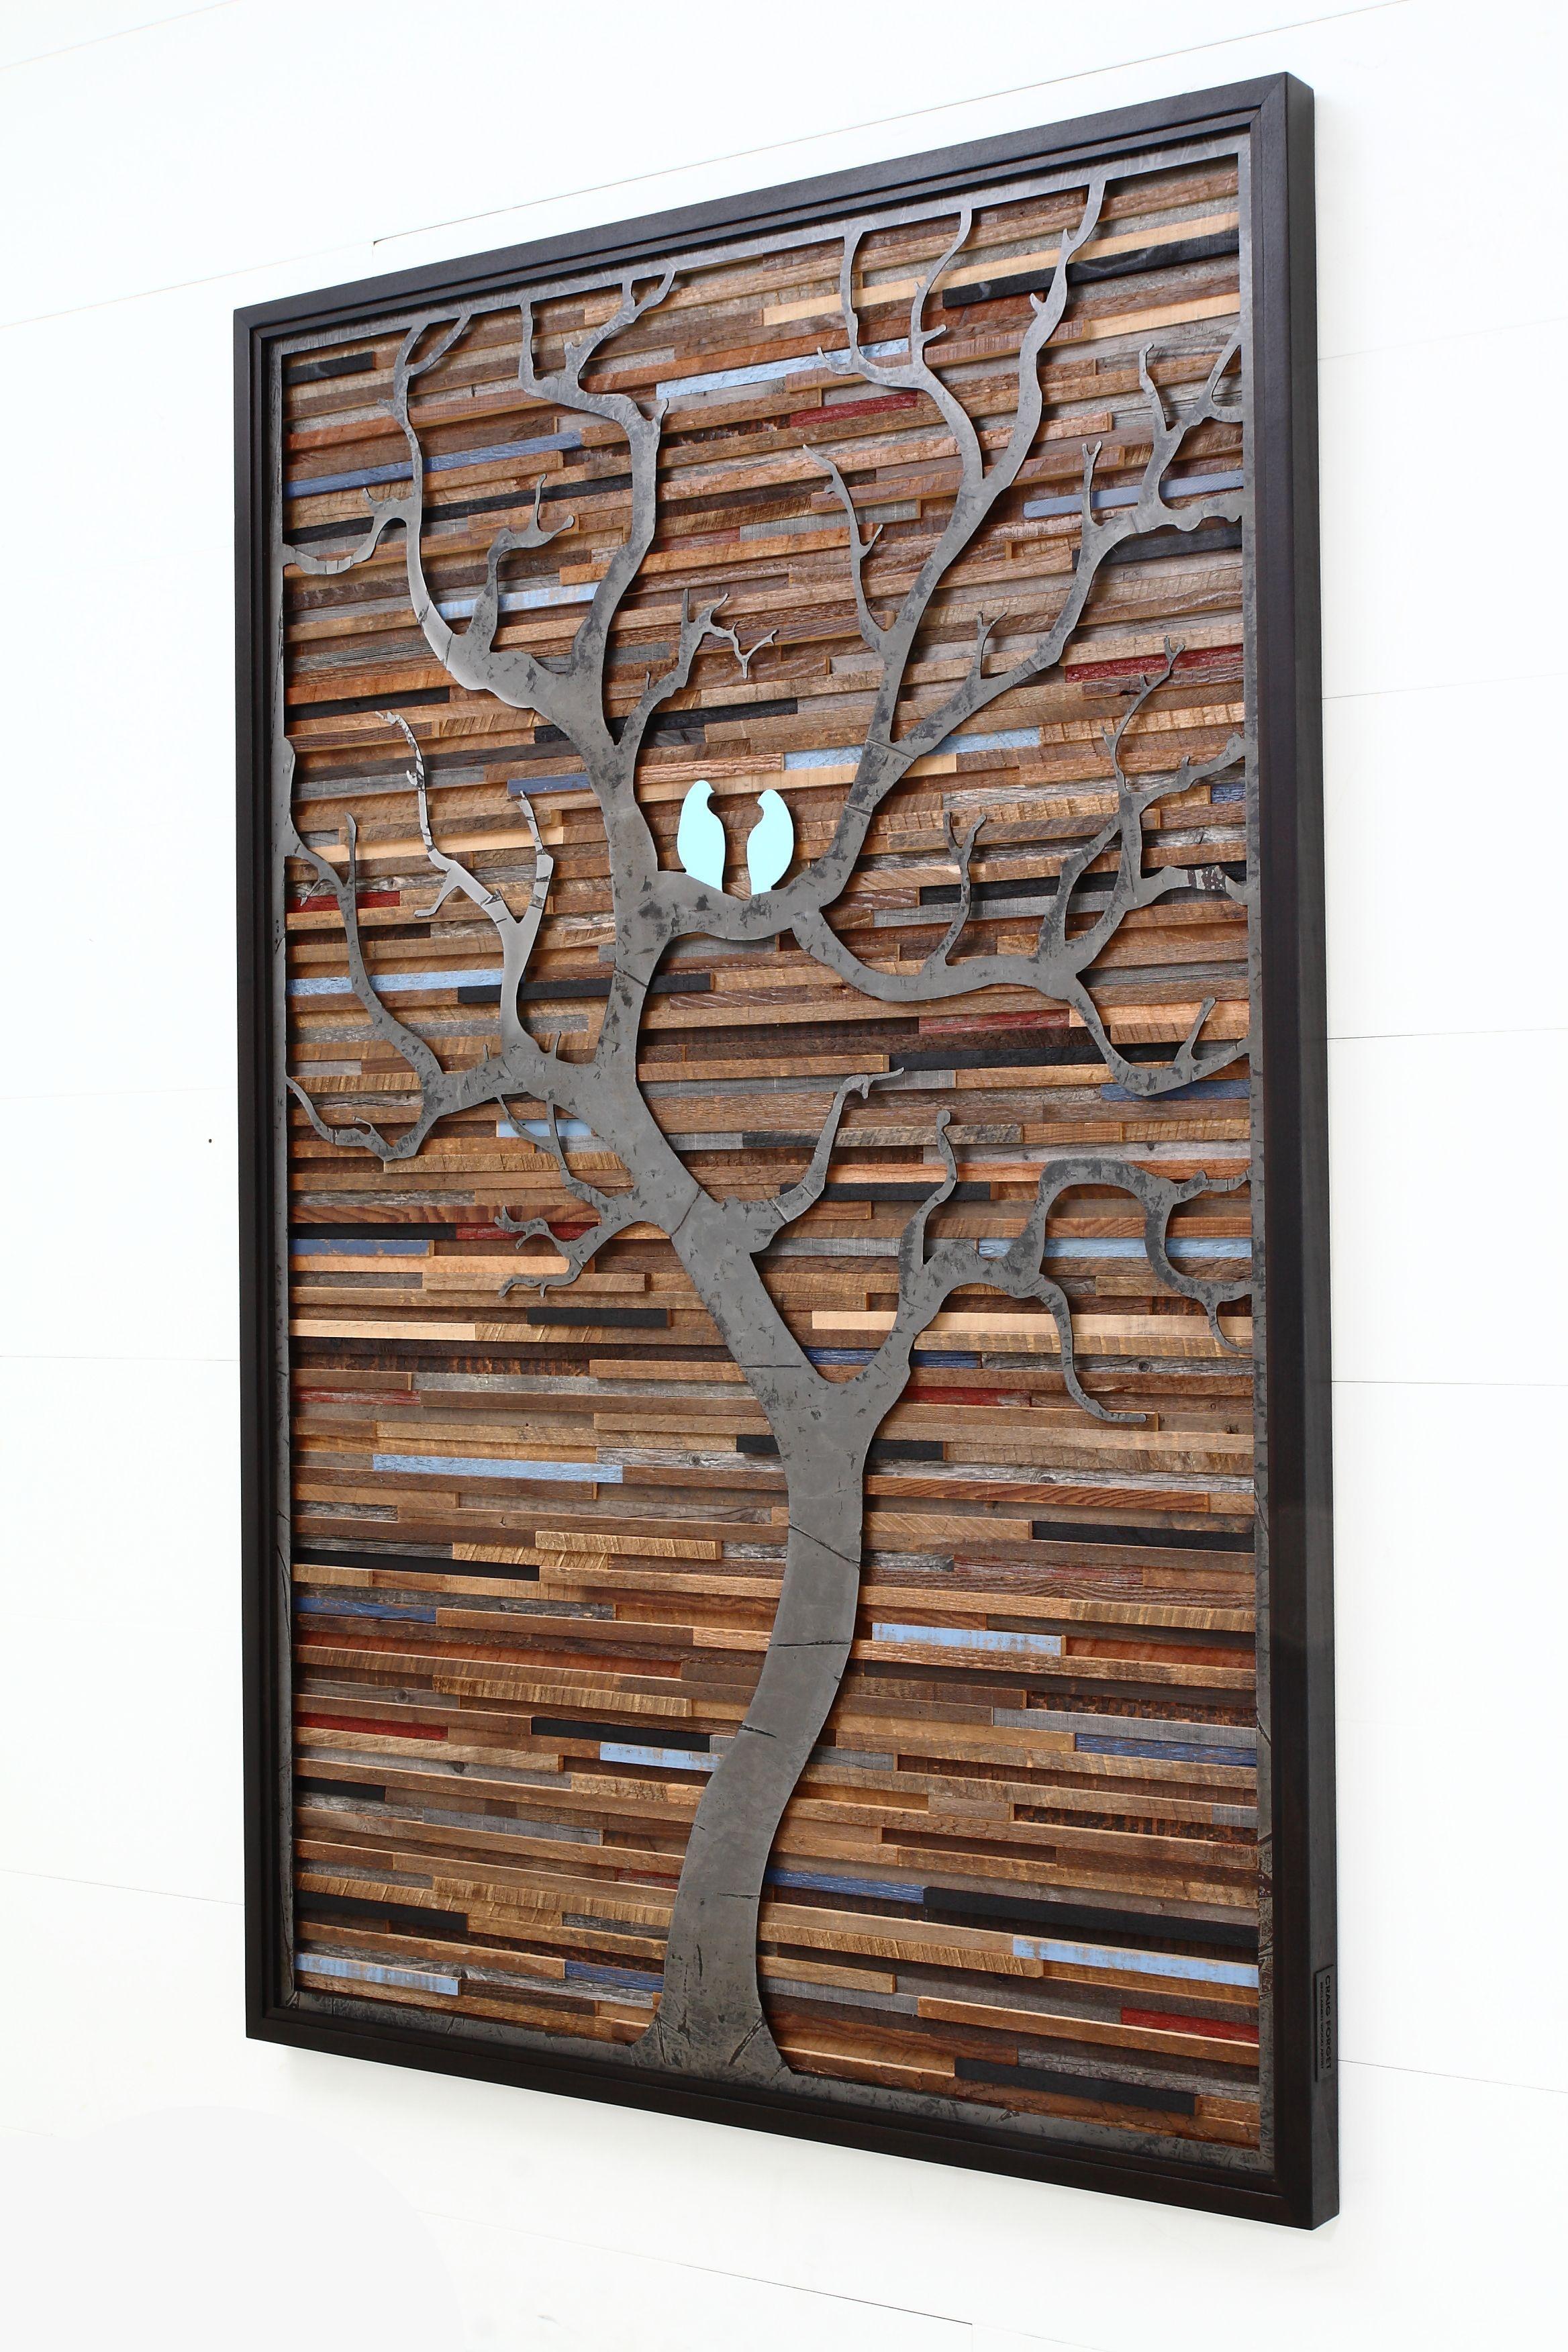 Custom made wood wall art made of old barnwood and natural